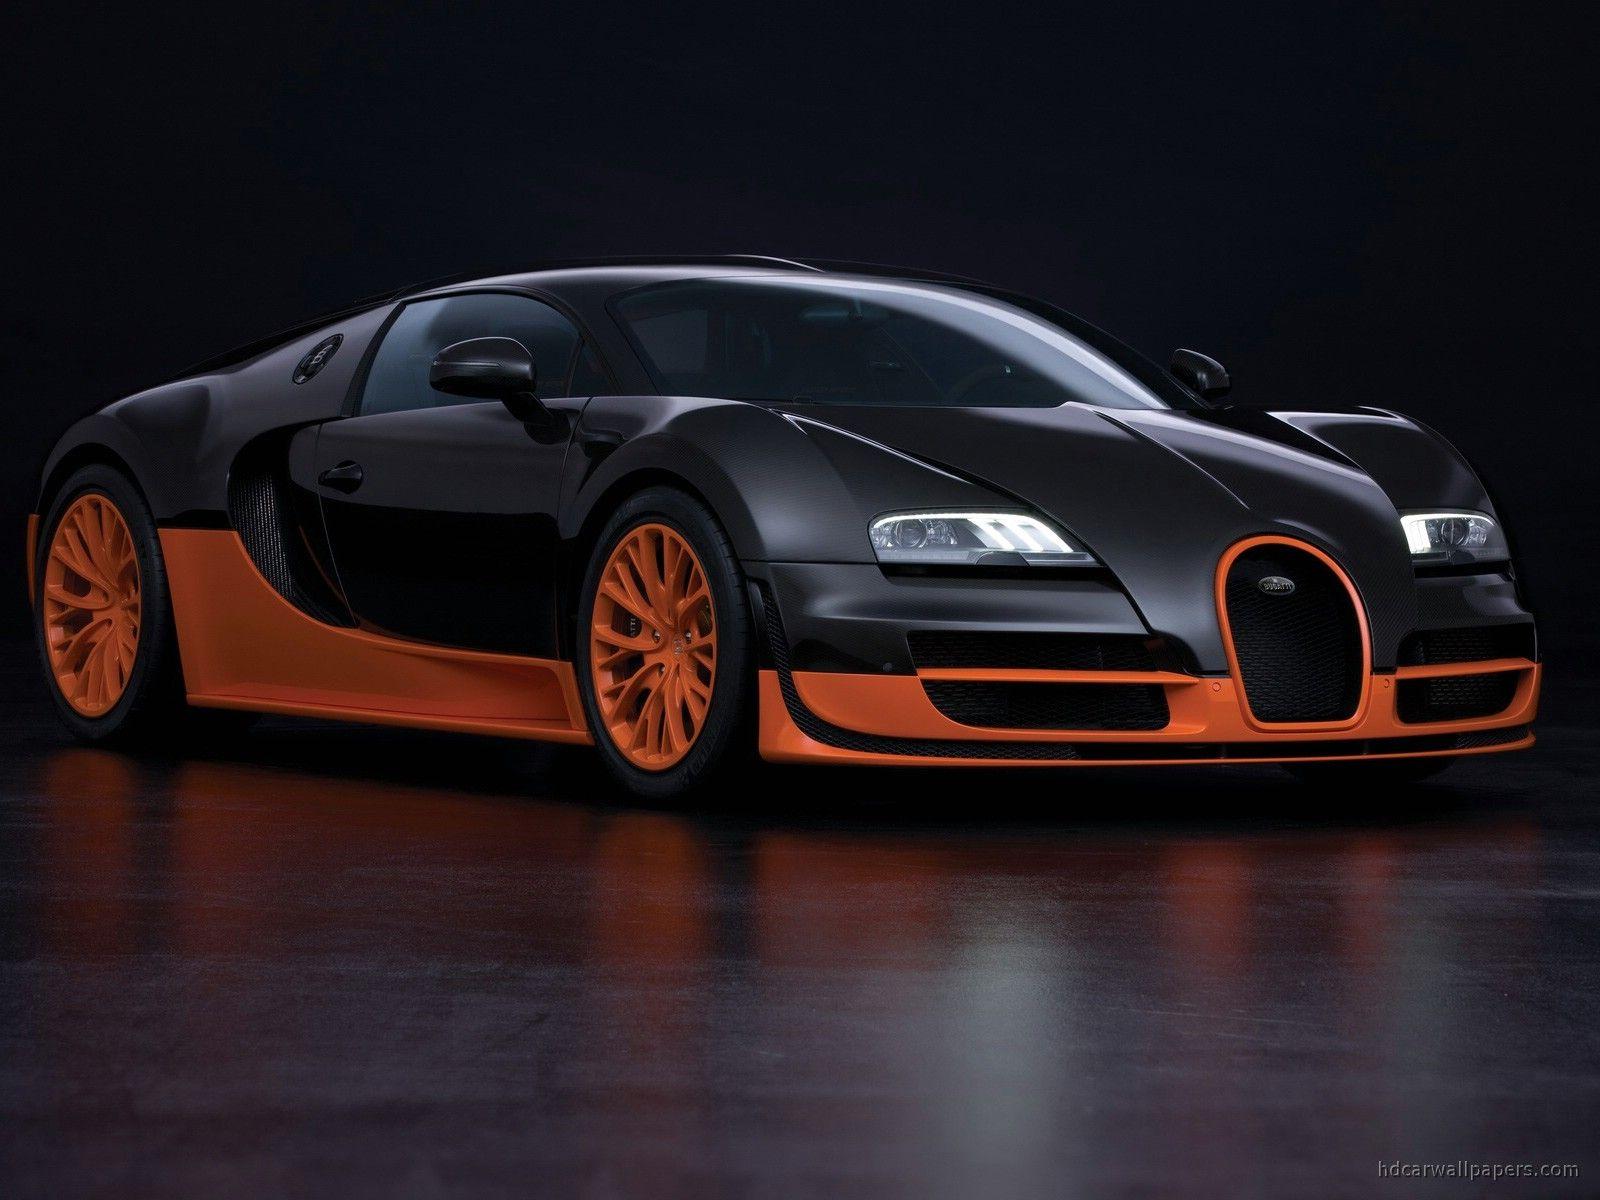 Bugatti Veyron 16 4 Super Sport Wallpapers Bugatti Veyron 164 Super Sport Wallpaper Hd Car Wallpa Bugatti Veyron Super Sport Bugatti Veyron 16 Bugatti Veyron